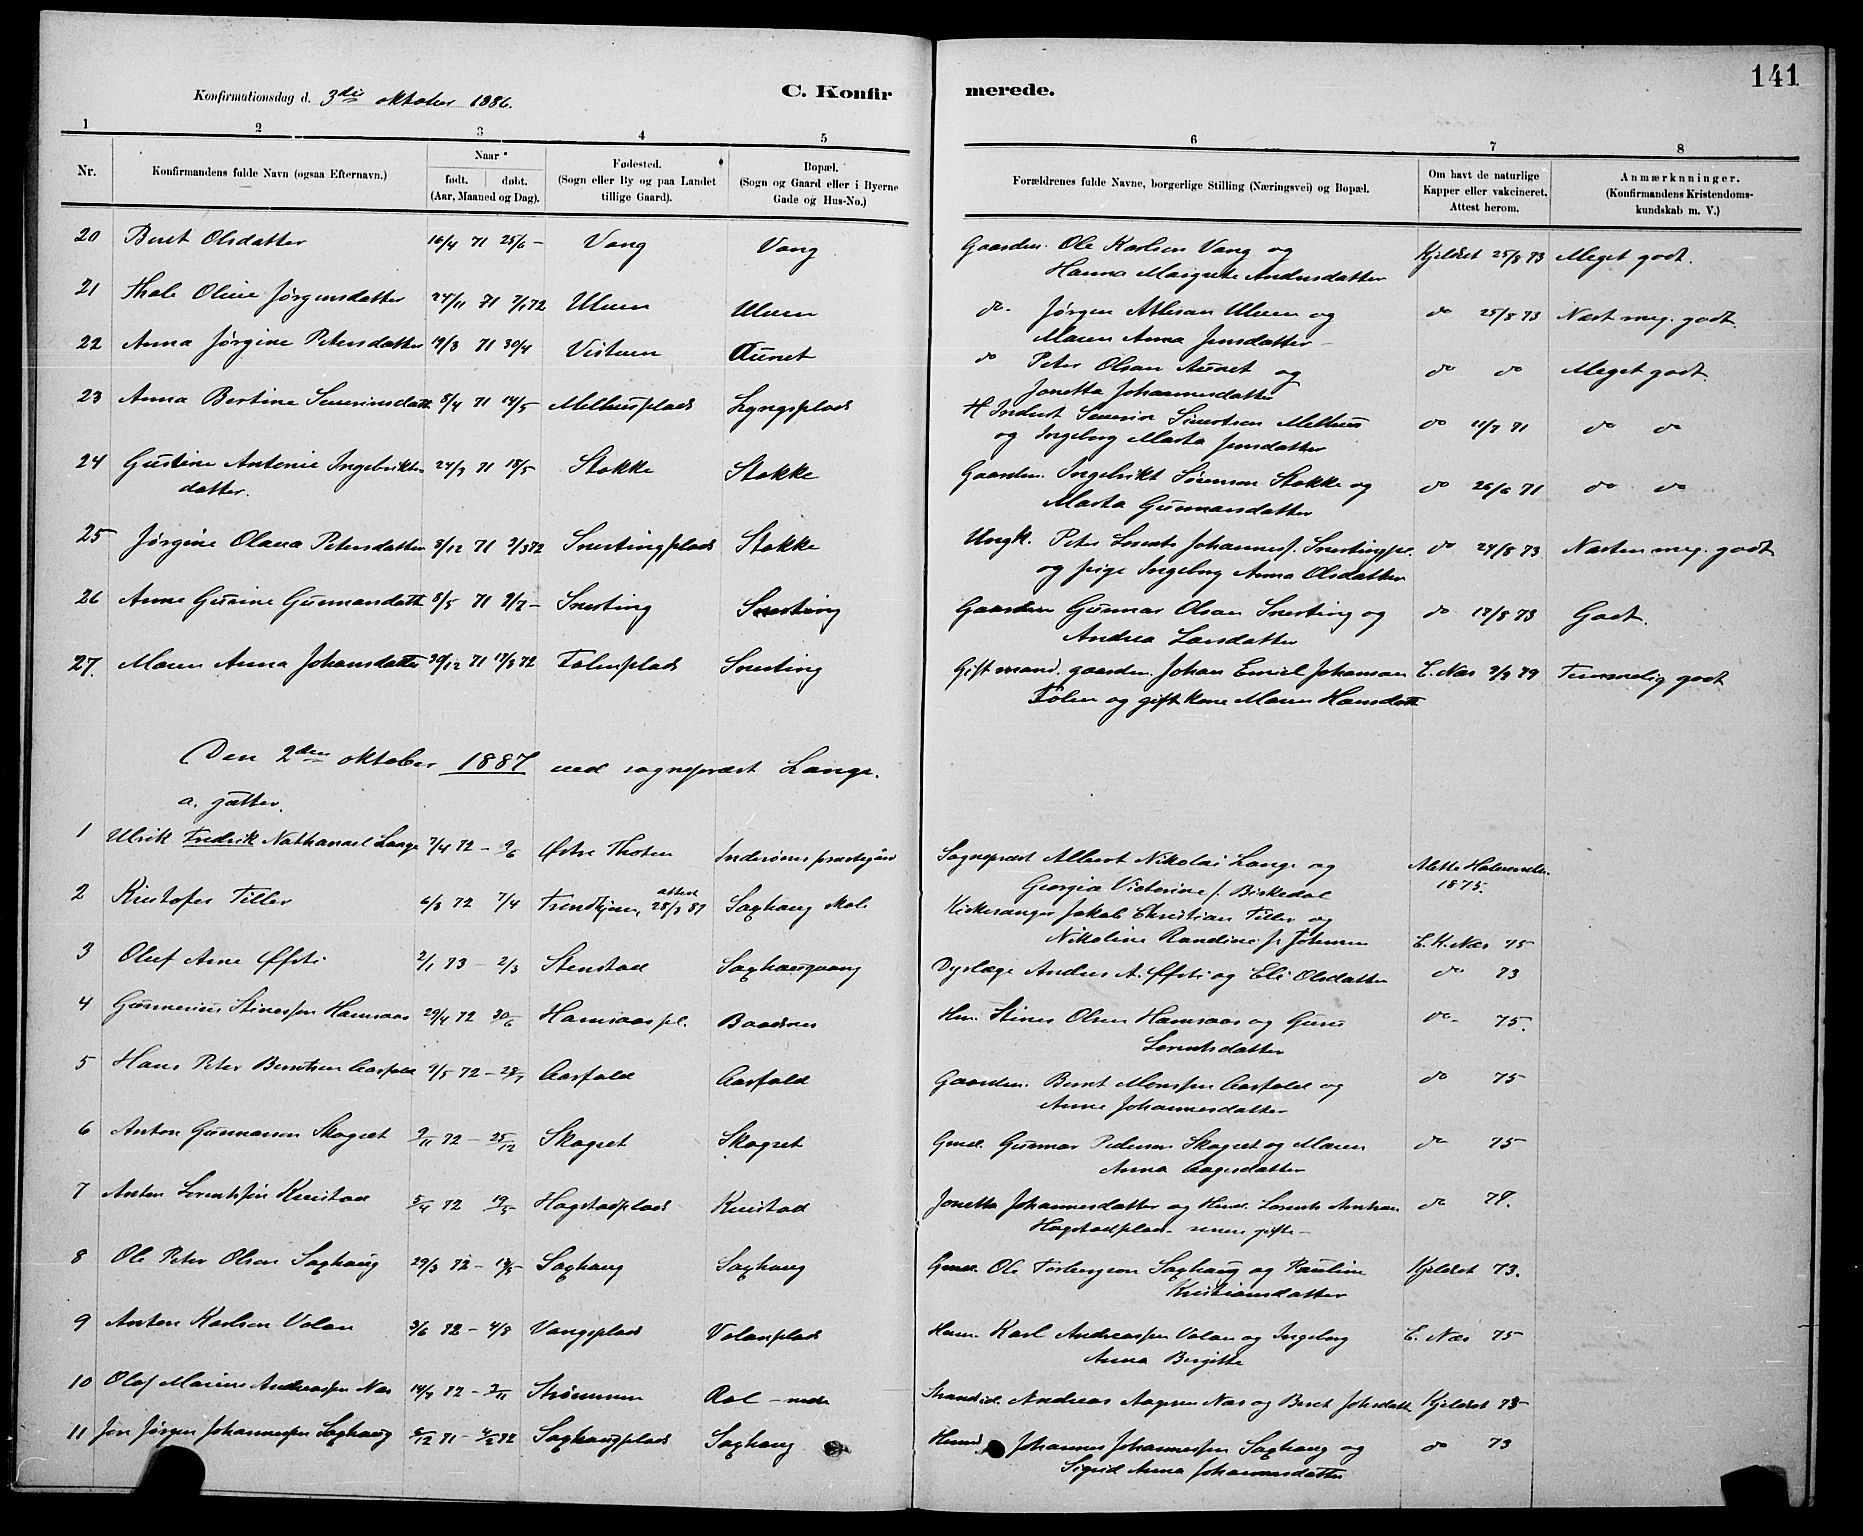 SAT, Ministerialprotokoller, klokkerbøker og fødselsregistre - Nord-Trøndelag, 730/L0301: Klokkerbok nr. 730C04, 1880-1897, s. 141